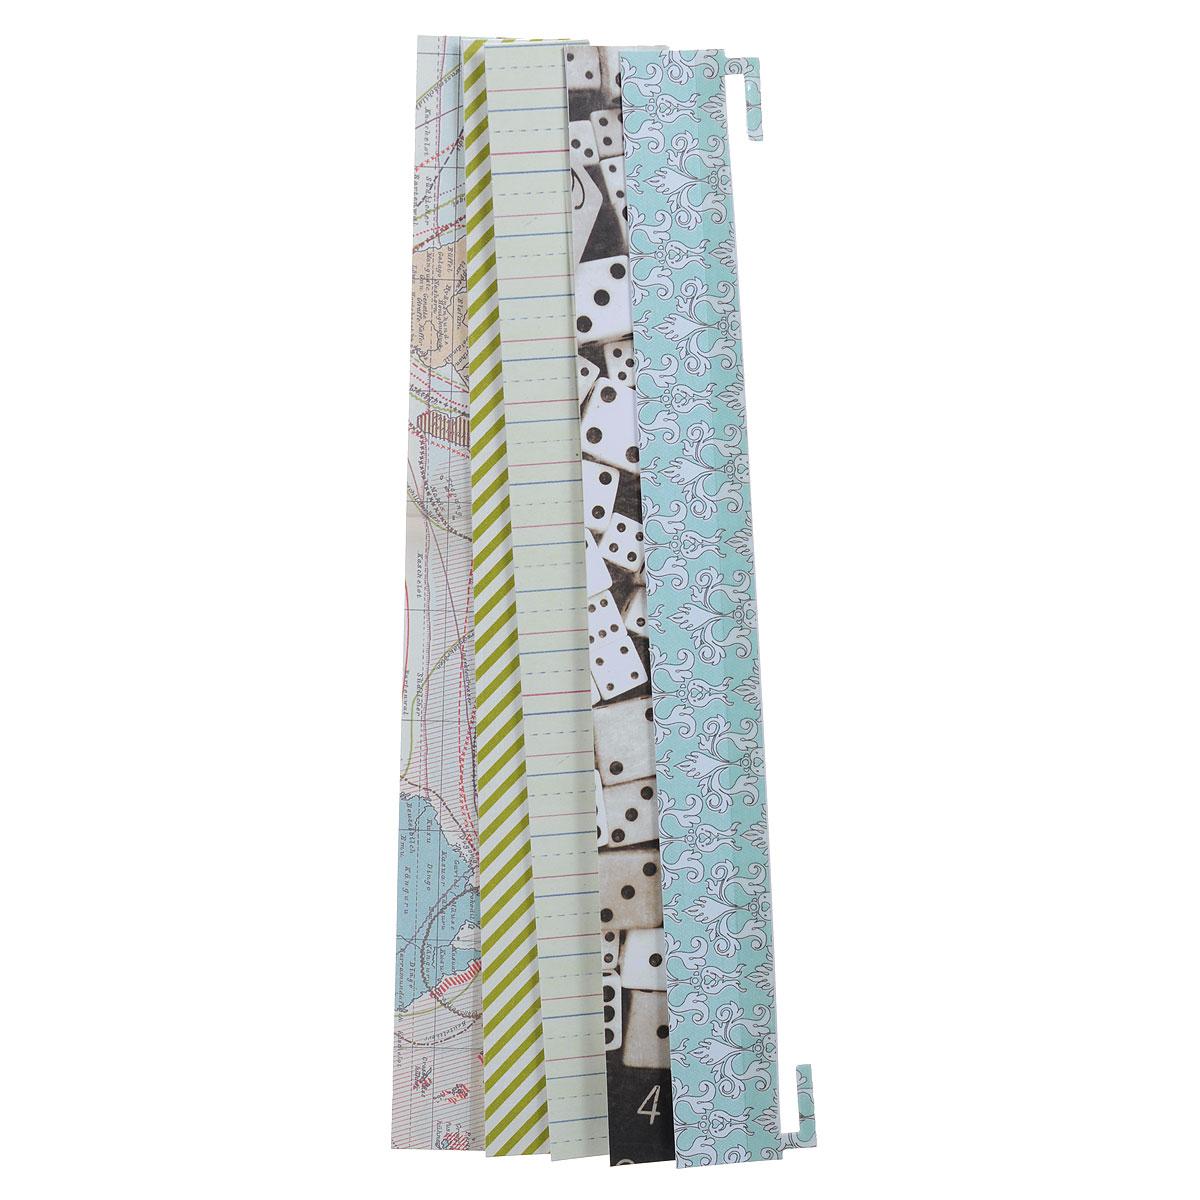 Ярлычки K&Company Smash, длина 25,5 см, 10 штKCO-30-659322Ярлычки K&Company Smash на клейкой основе используются для украшения фотоальбомов, подарков, фоторамок, открыток, в декоре и т.д. Идеально подходят для оформления папки Smash. В наборе - 10 ярлычков с разным дизайном. Такие ярлычки помогут вам создать потрясающие творческие работы, которые порадуют ваших родных и близких.